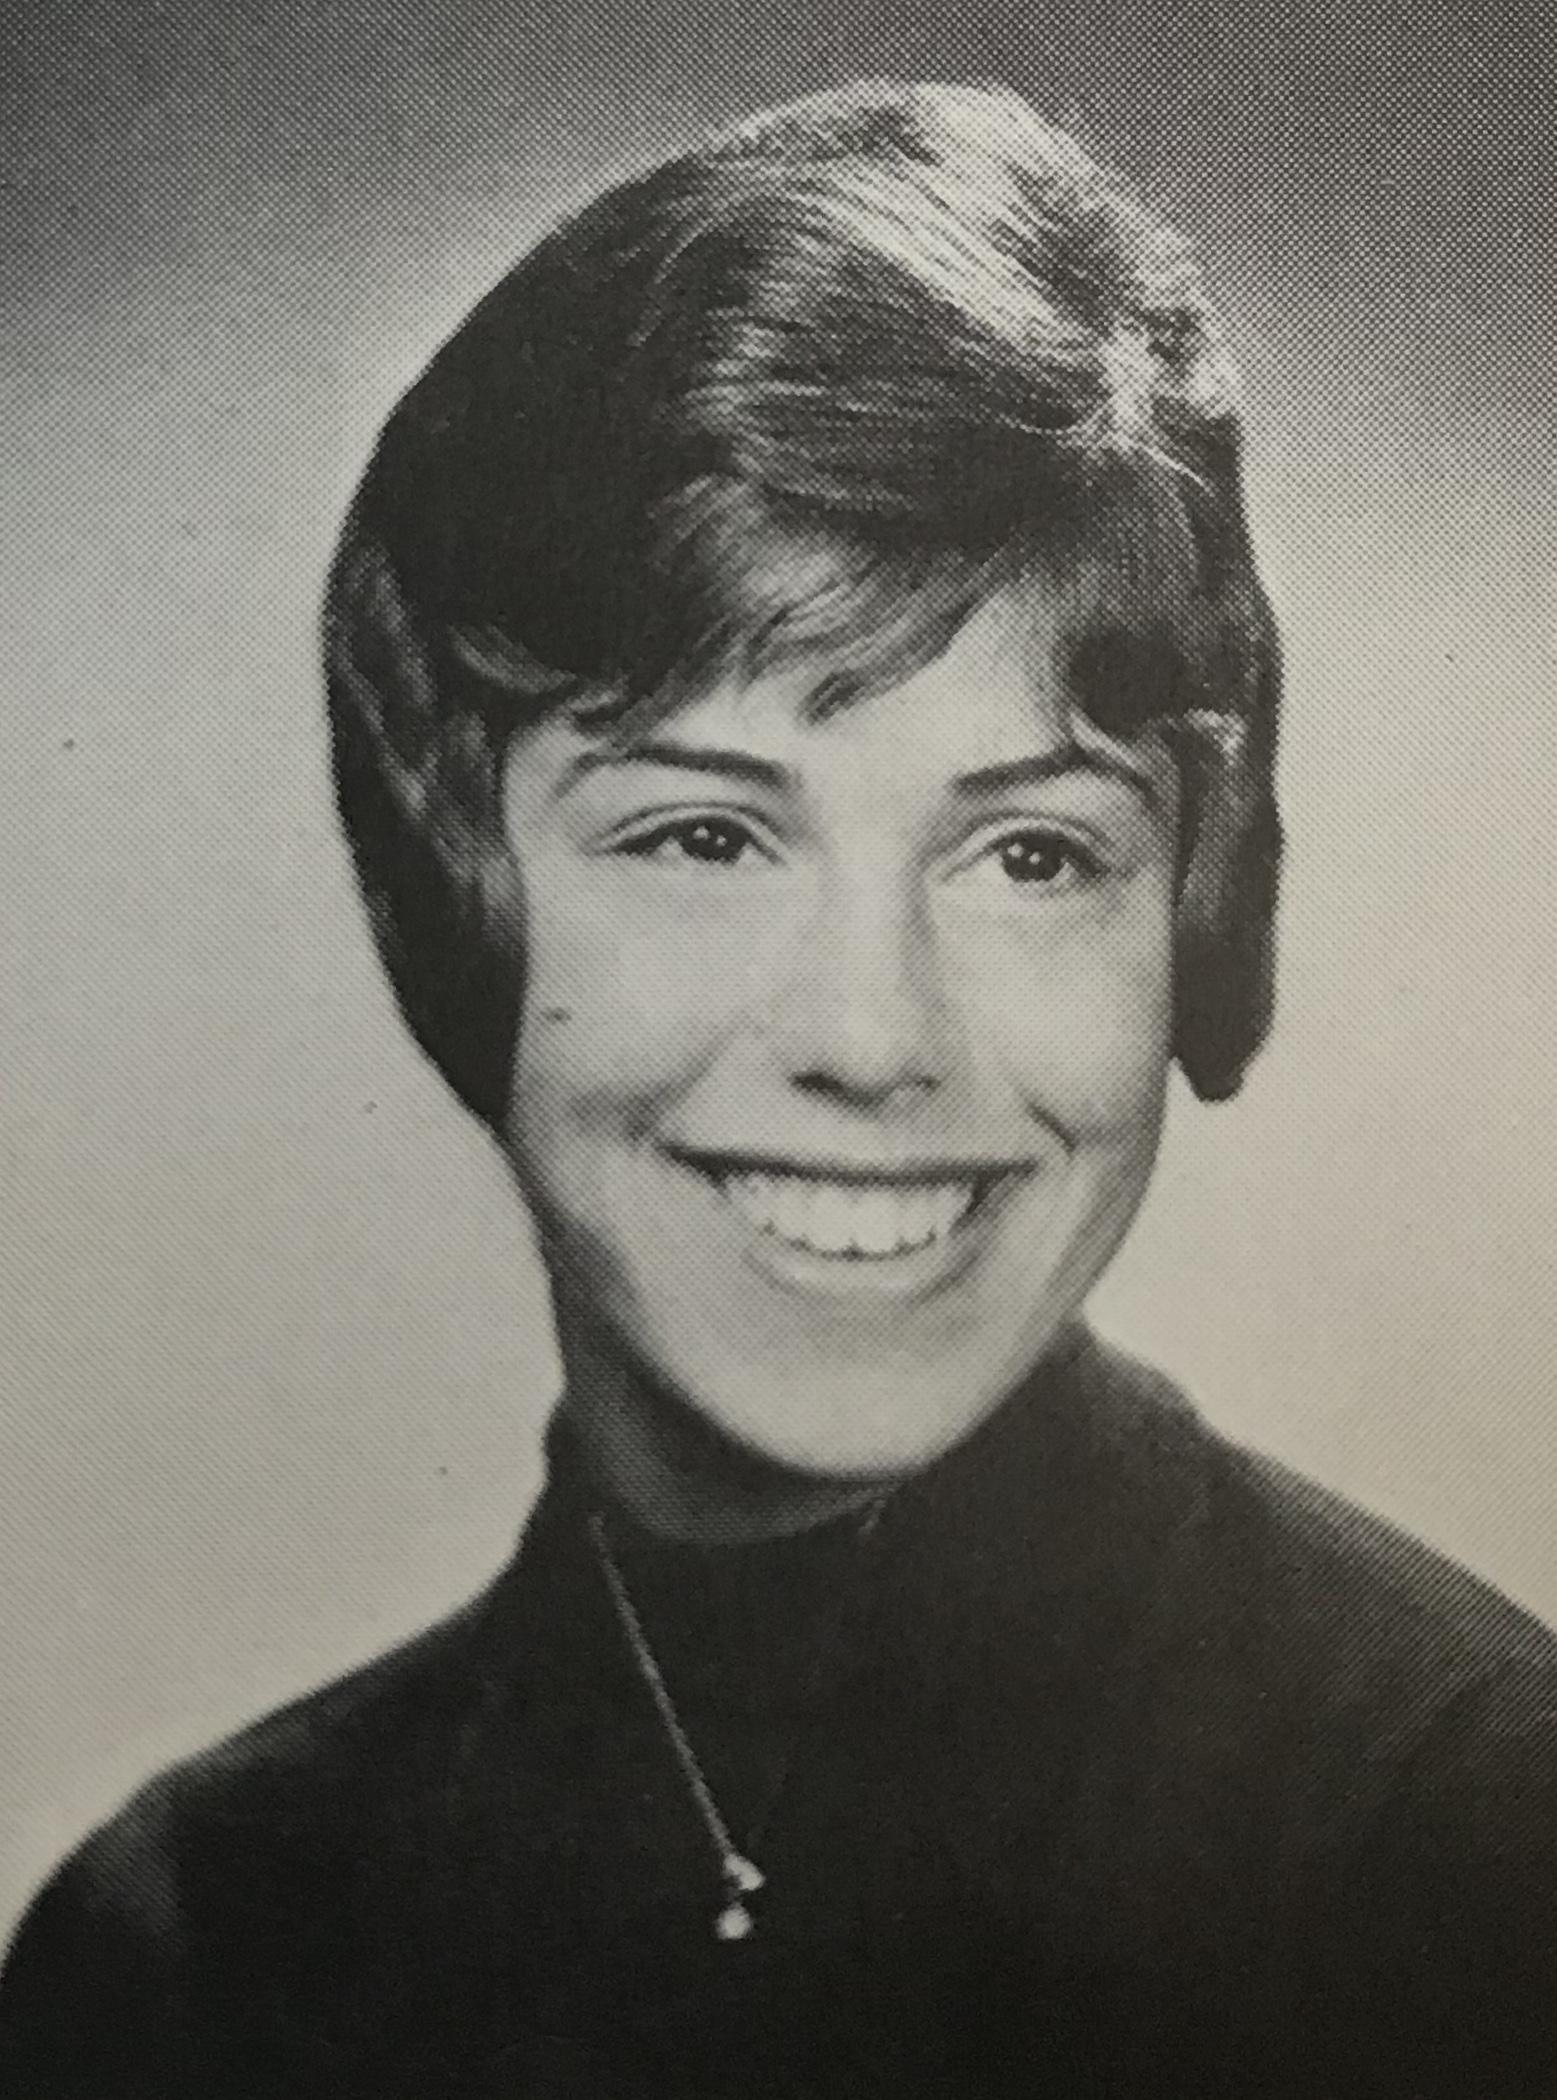 Karen Caruso Carpentieri